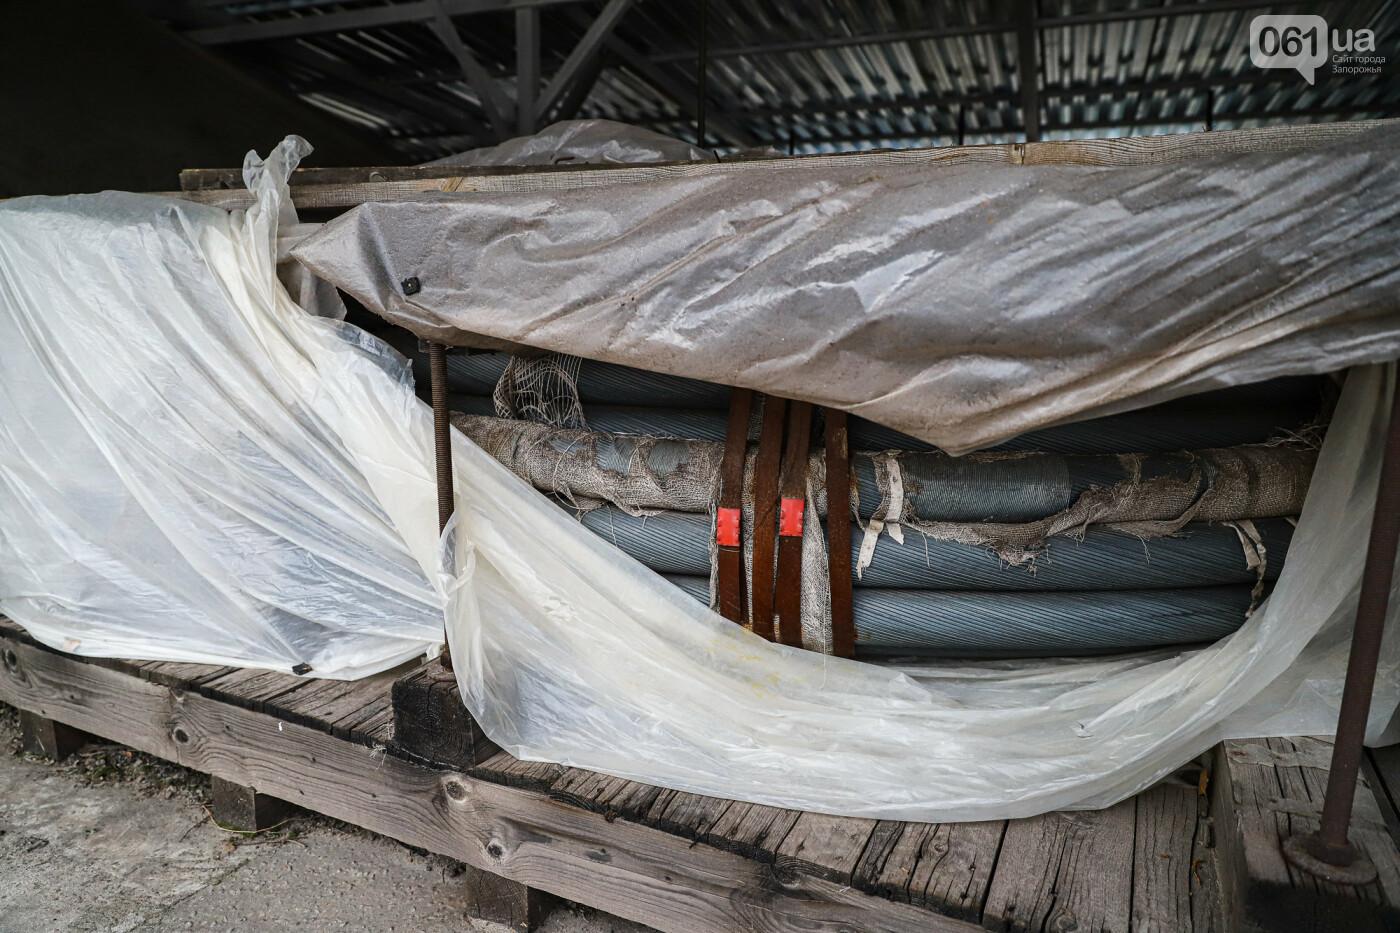 Кран с иностранной пропиской, ванты и металл: строительство запорожских мостов в фотографиях, фото-28